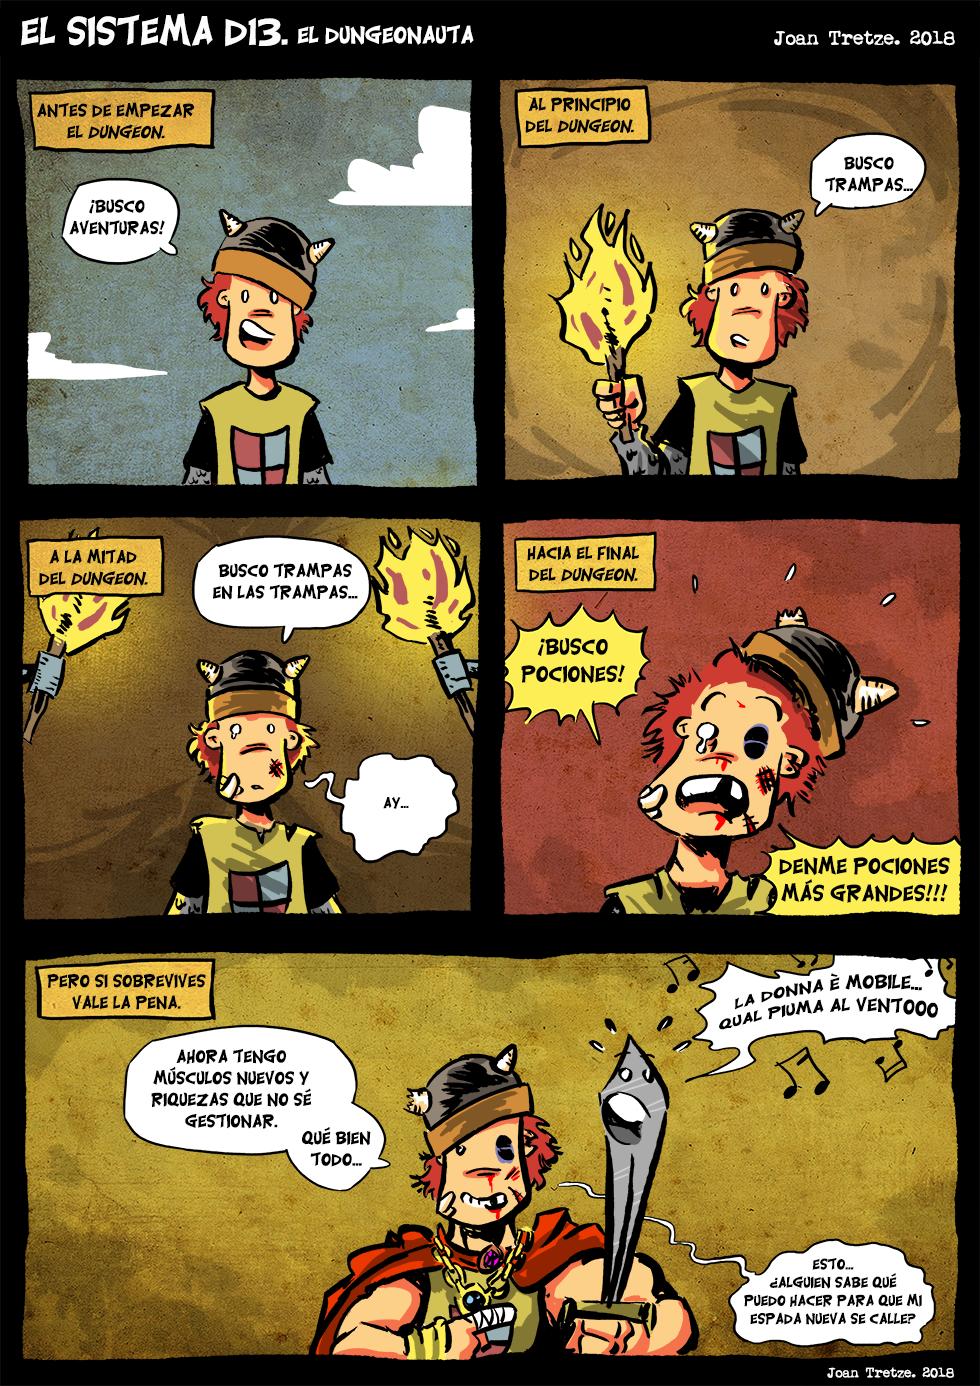 El dungeonauta